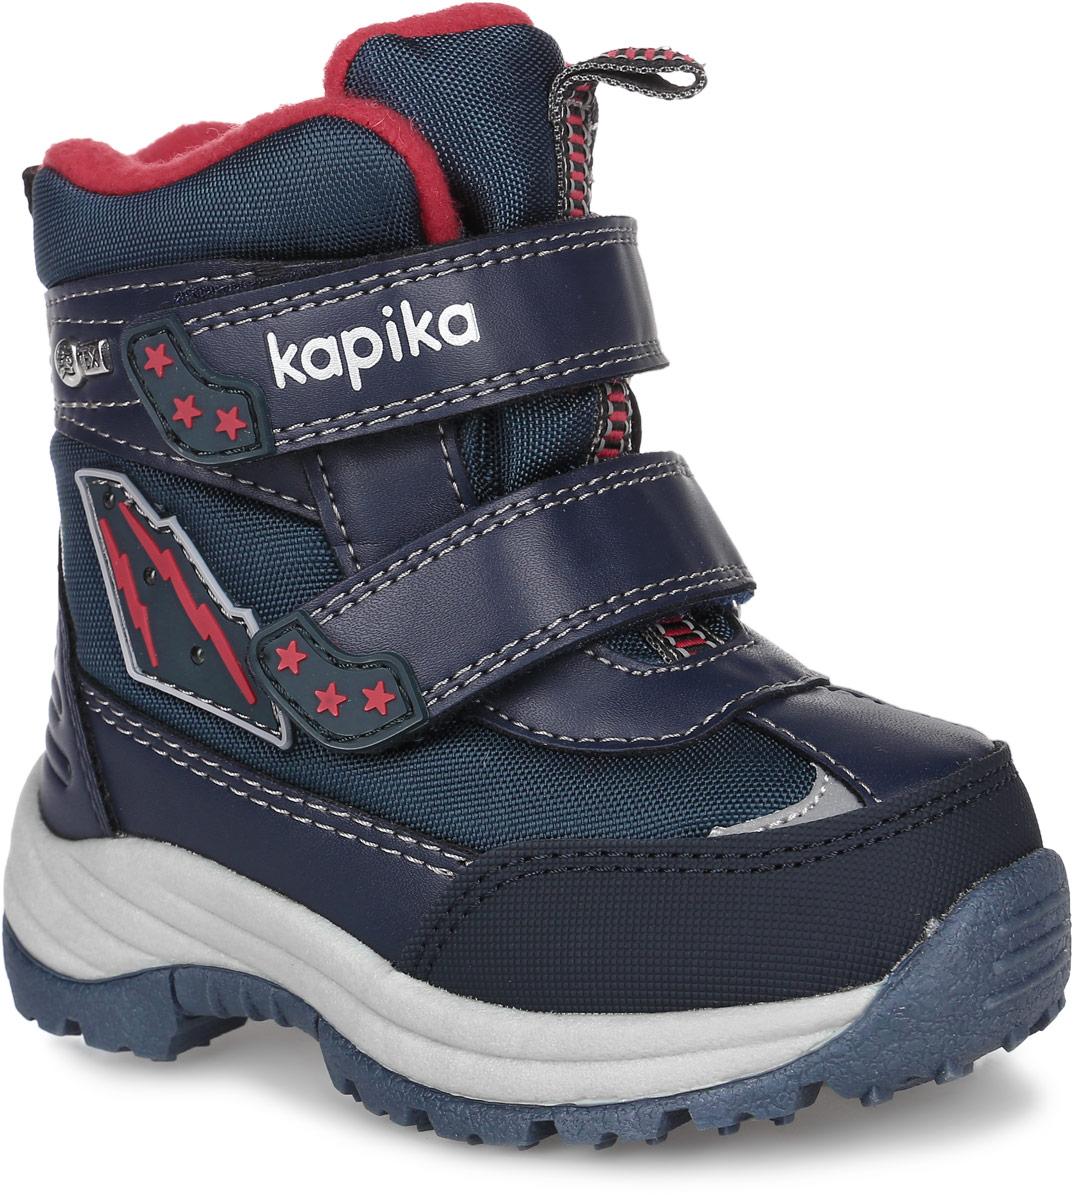 41156-1Стильные ботинки от Kapika заинтересуют вашего мальчика с первого взгляда. Модель, выполненная из искусственной кожи и текстиля, оформлена фирменными нашивками. Мембранный слой защитит ножки вашего ребенка от намокания и обеспечит высокую воздухопроницаемость. Изделие на застежках-липучках, что способствует надежной фиксации на ноге. Задник оснащен ярлычком для облегчения надевания. Стелька, изготовленная на 80% из натурального овечьего шерстяного меха, отлично сохраняет тепло и надежно защищает от холода, а также создаёт условия для удобного и долговечного использования. Рельефная подошва, выполненная из материала ТЭП, обеспечивает сцепление с любой поверхностью. Материал ТЭП не пропускает и не впитывает воду. При ходьбе сбоку на нашивке мигают огоньки. Чудесные ботинки займут достойное место в гардеробе вашего ребенка.